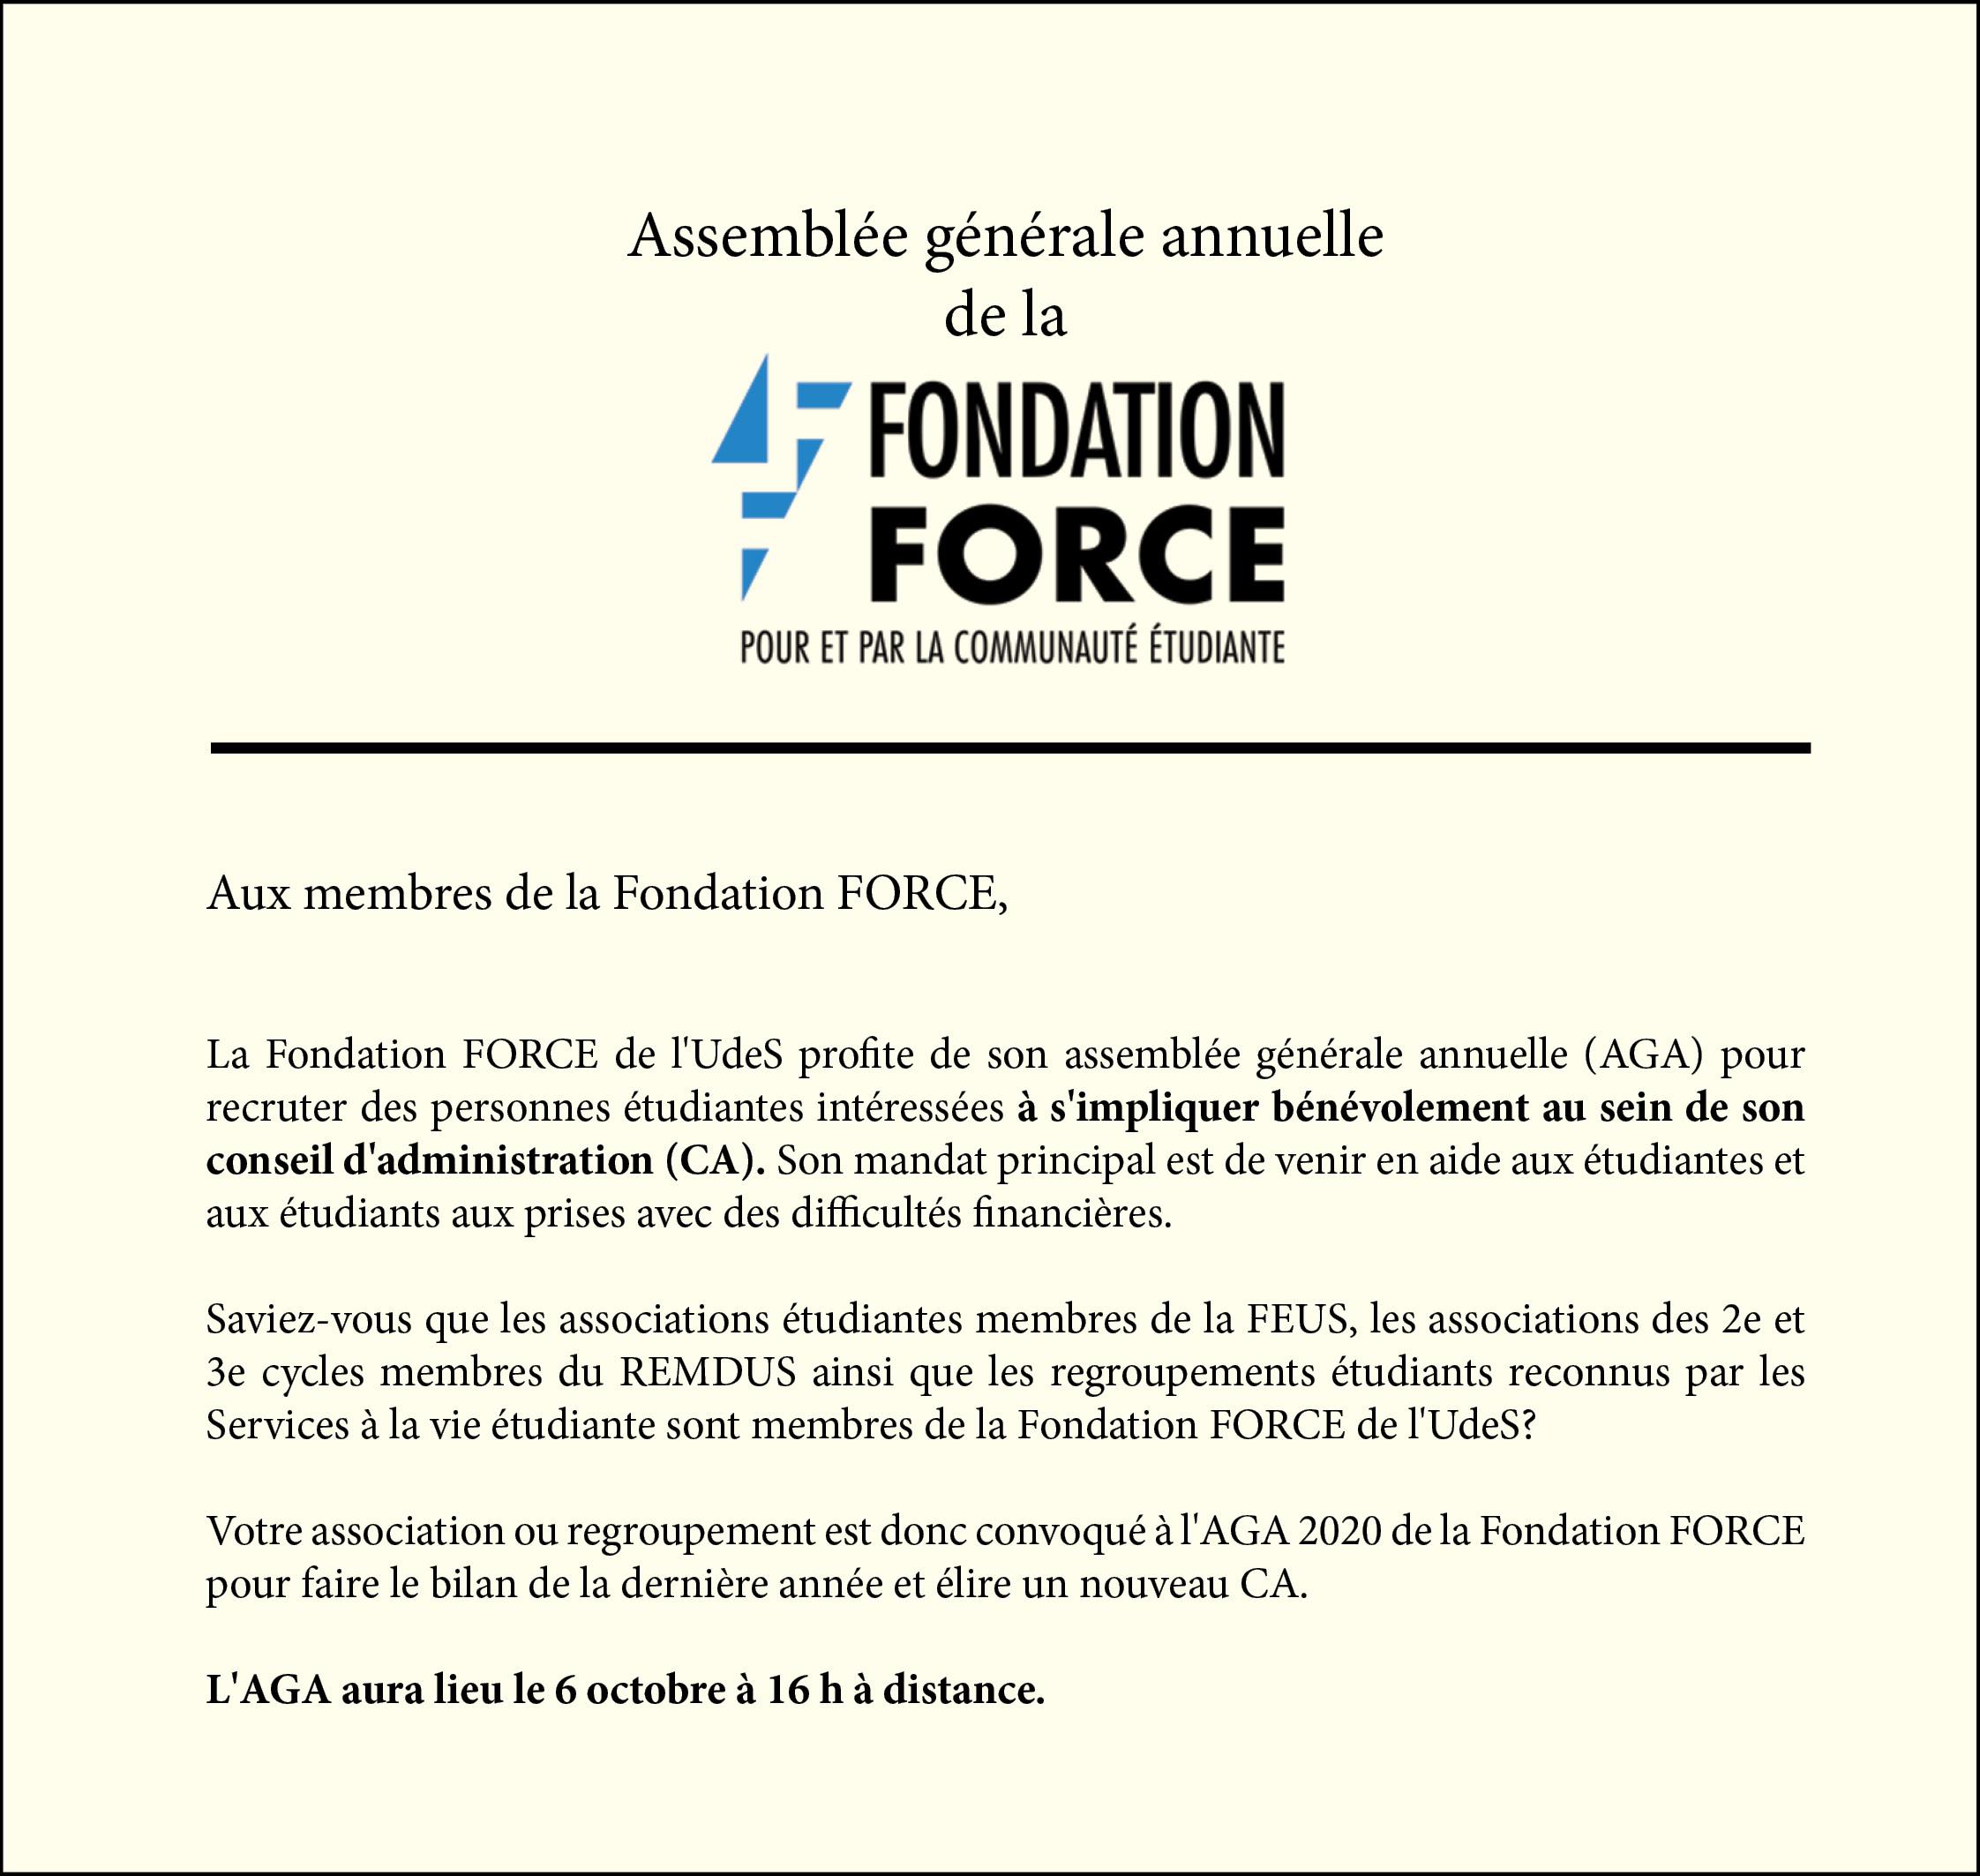 Assemblée générale annuelle de la Fondation Force